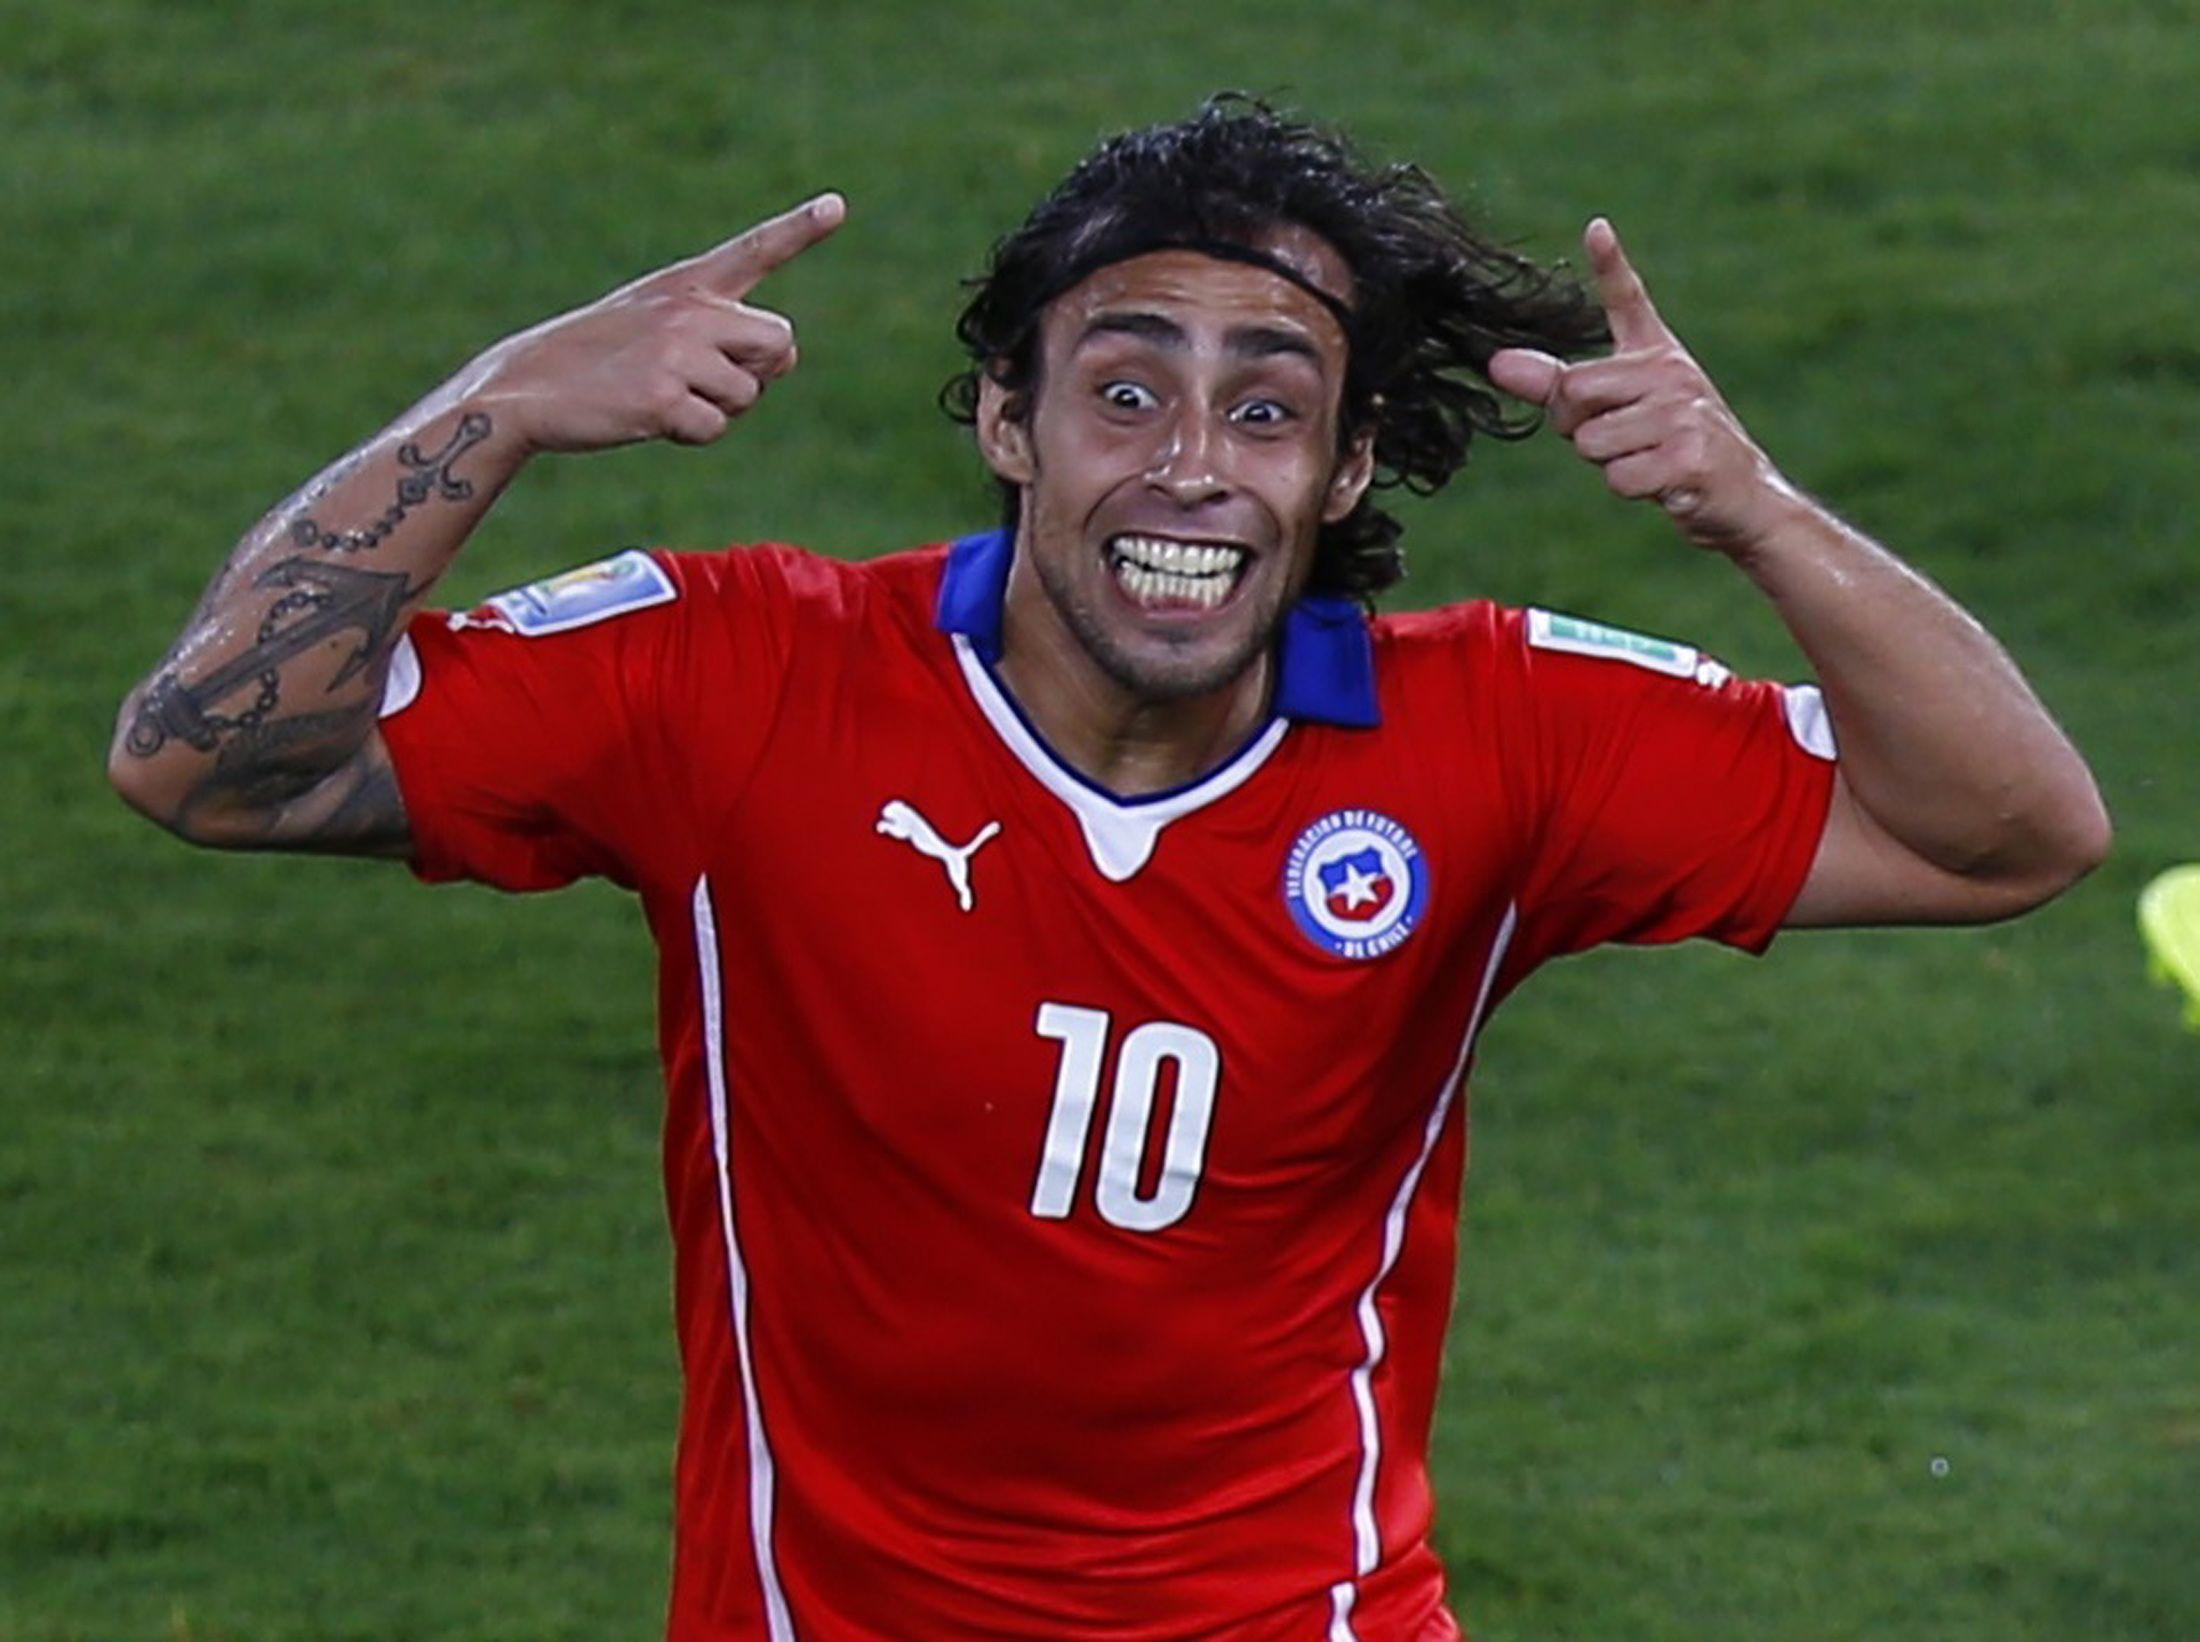 Чили победила Австралию на чемпионате мира